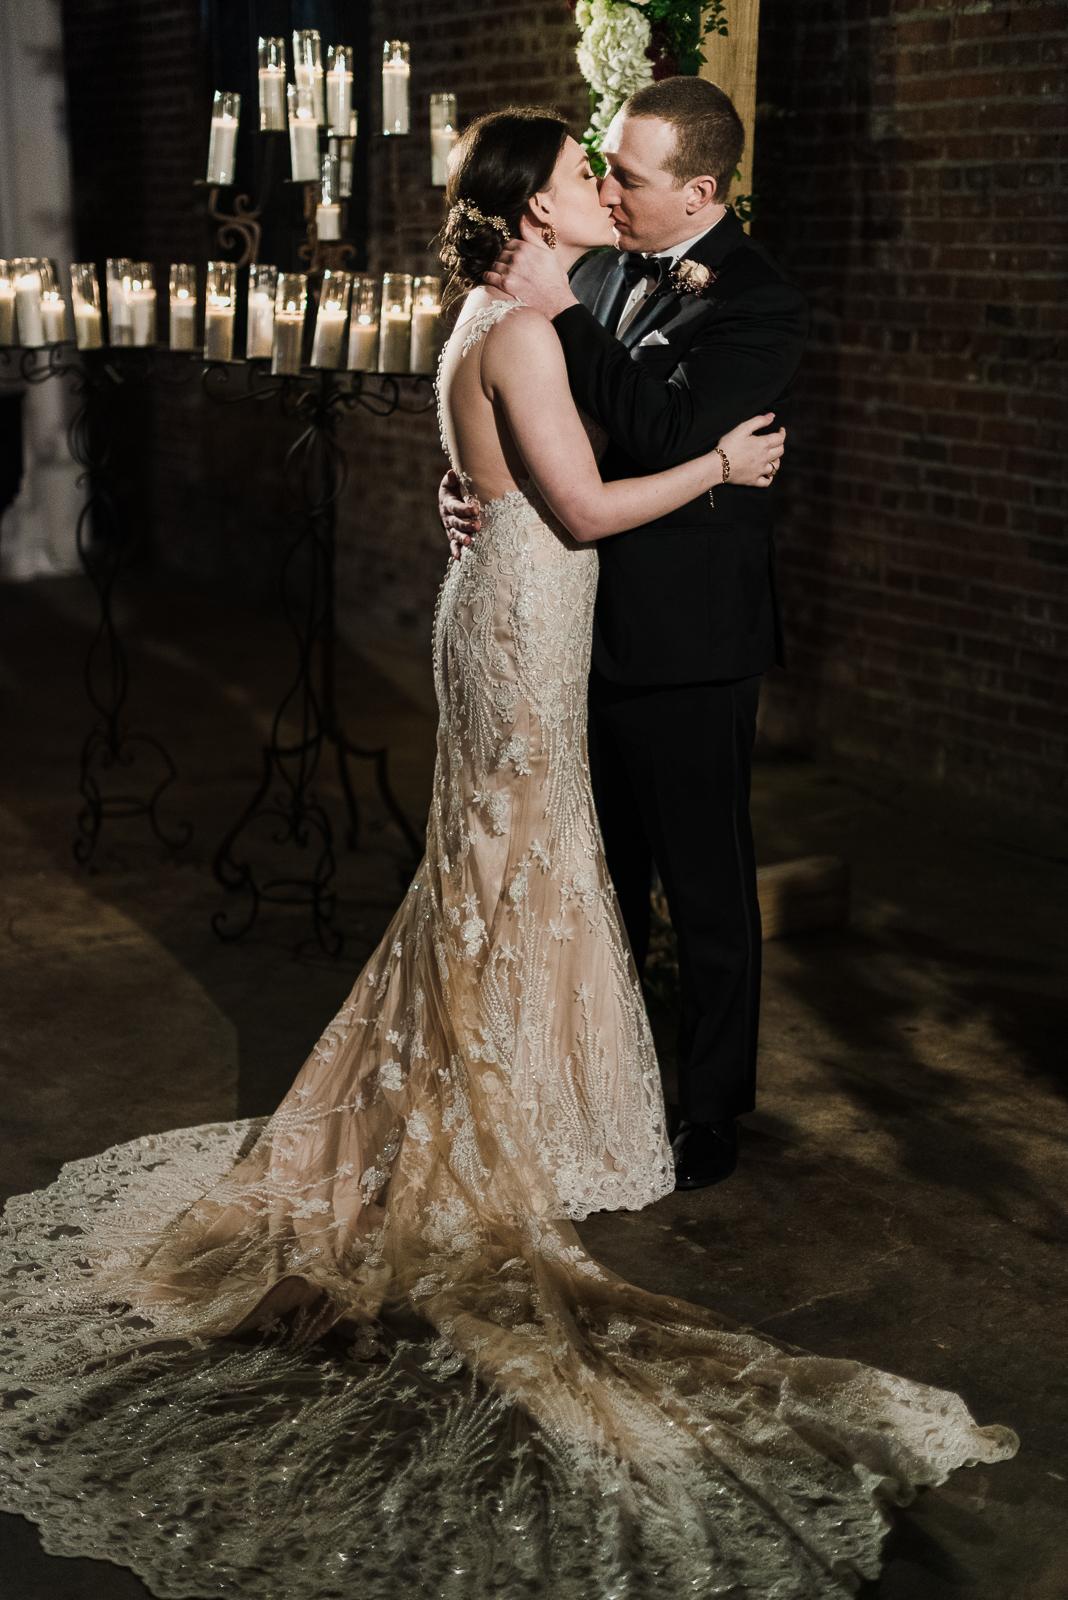 Joie_Thomas_JacksonMS_Wedding-9.jpg